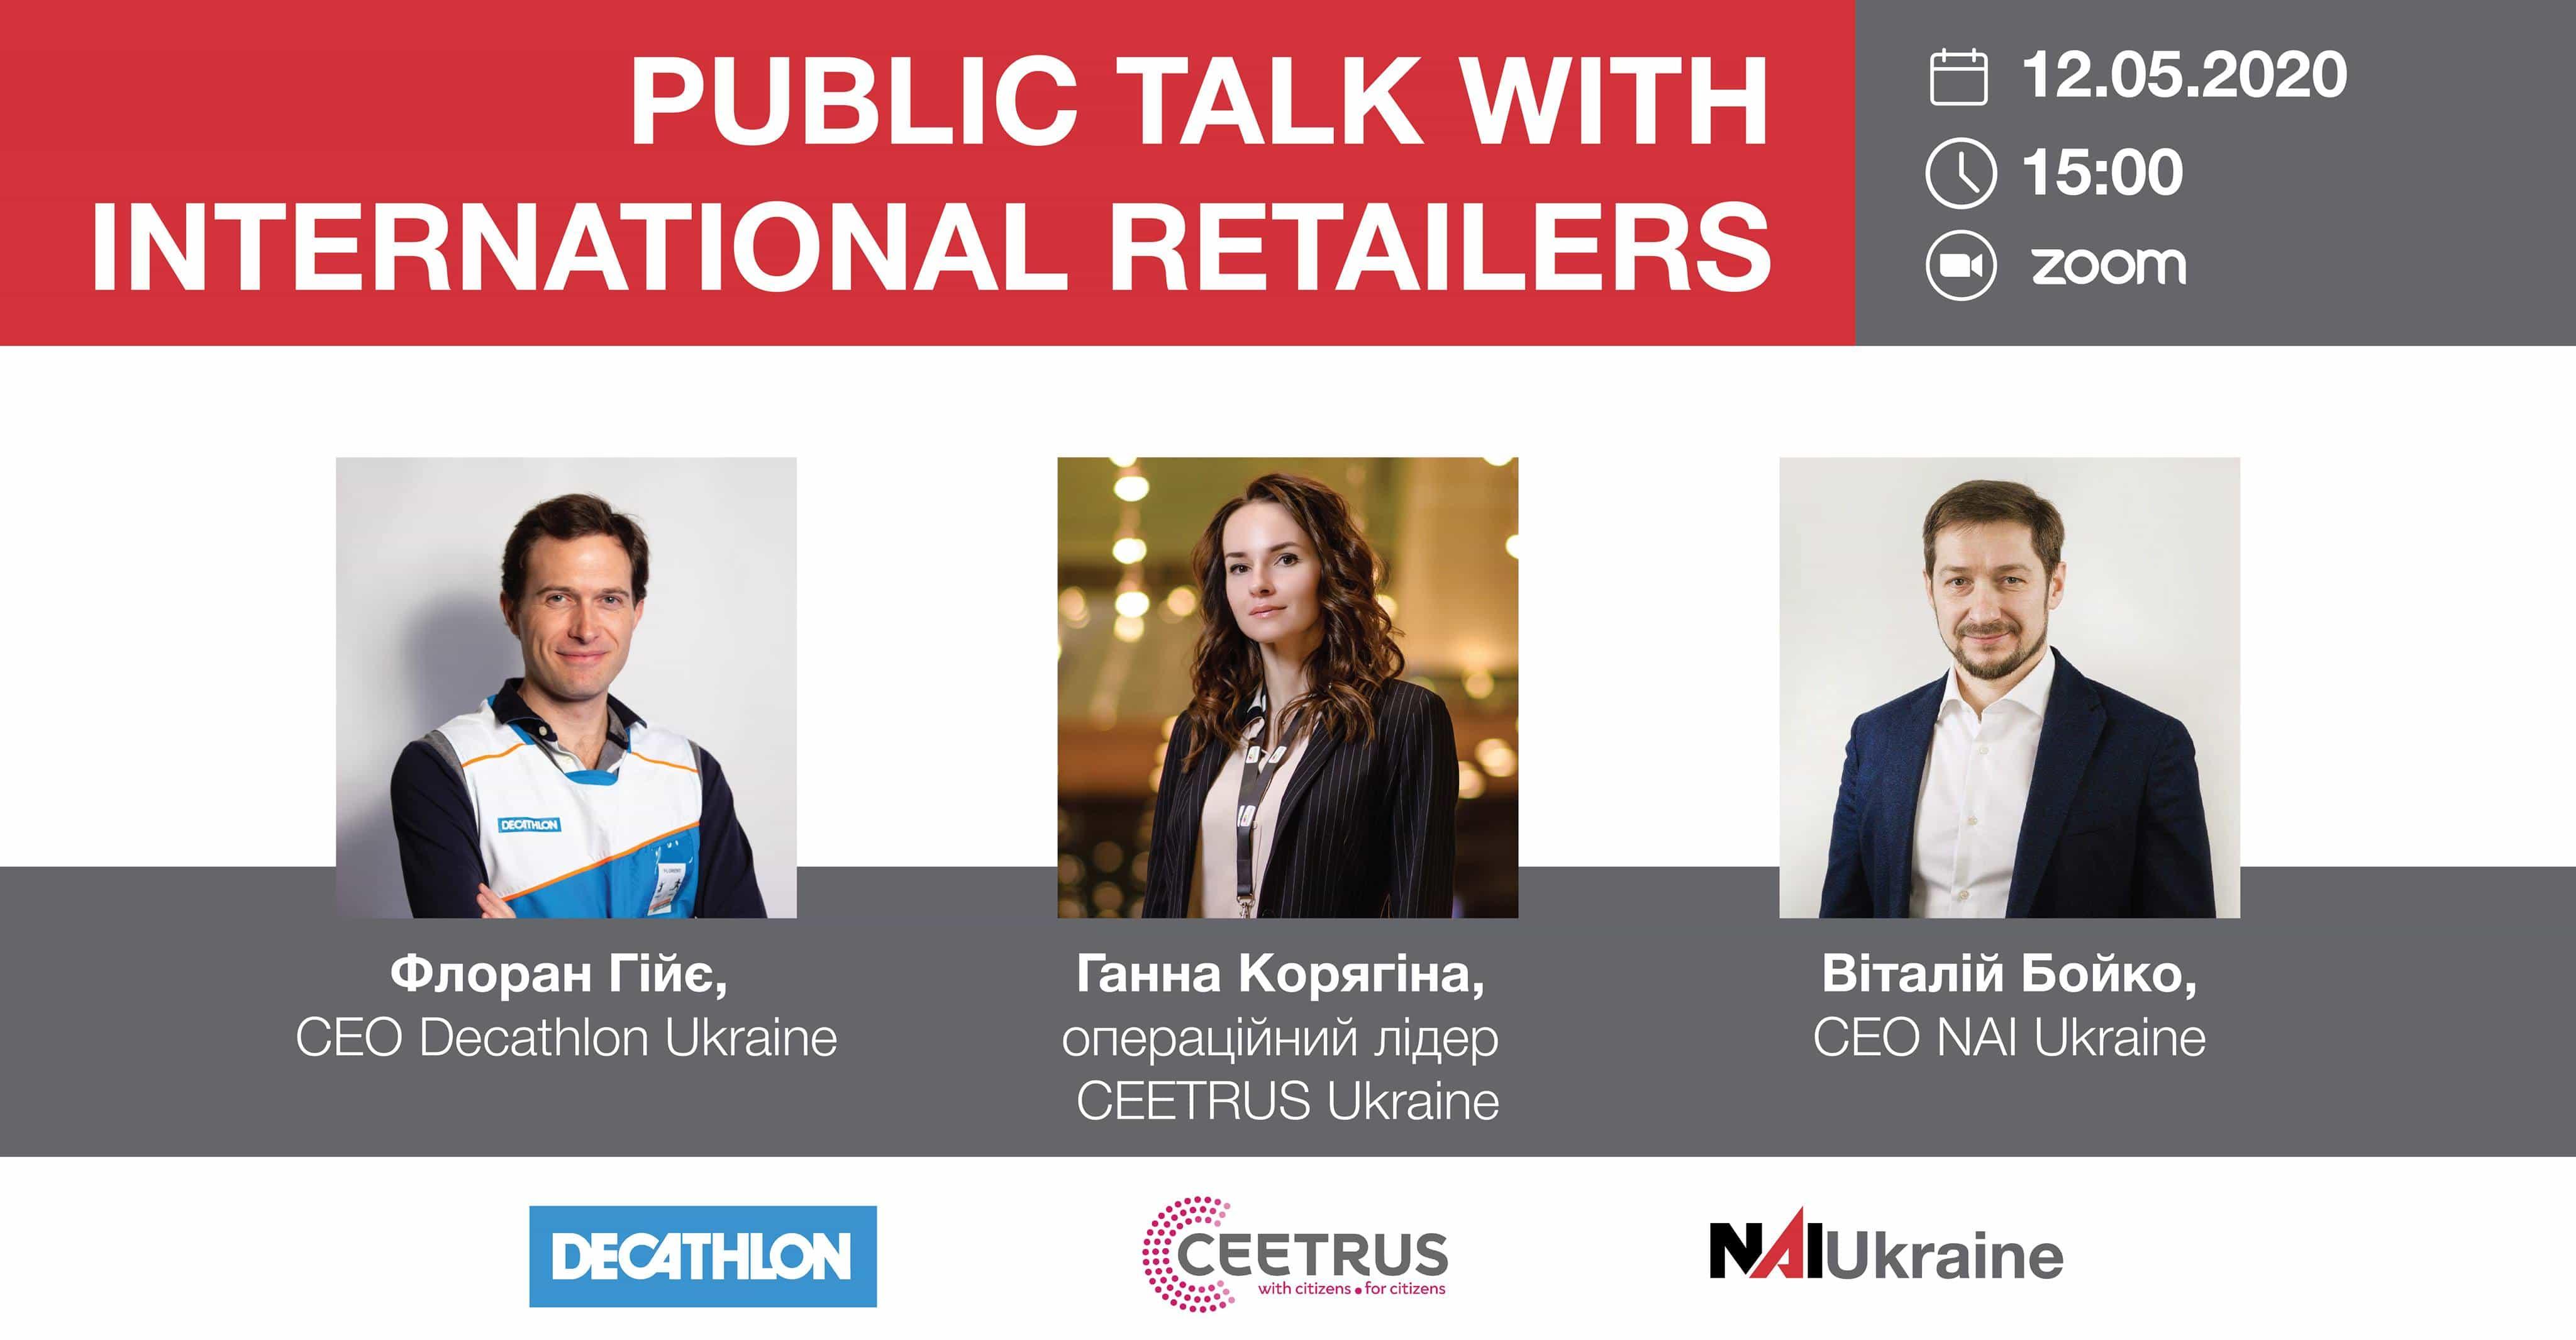 Рublic talk із Флораном Гійє, CEO Decathlon Ukraine